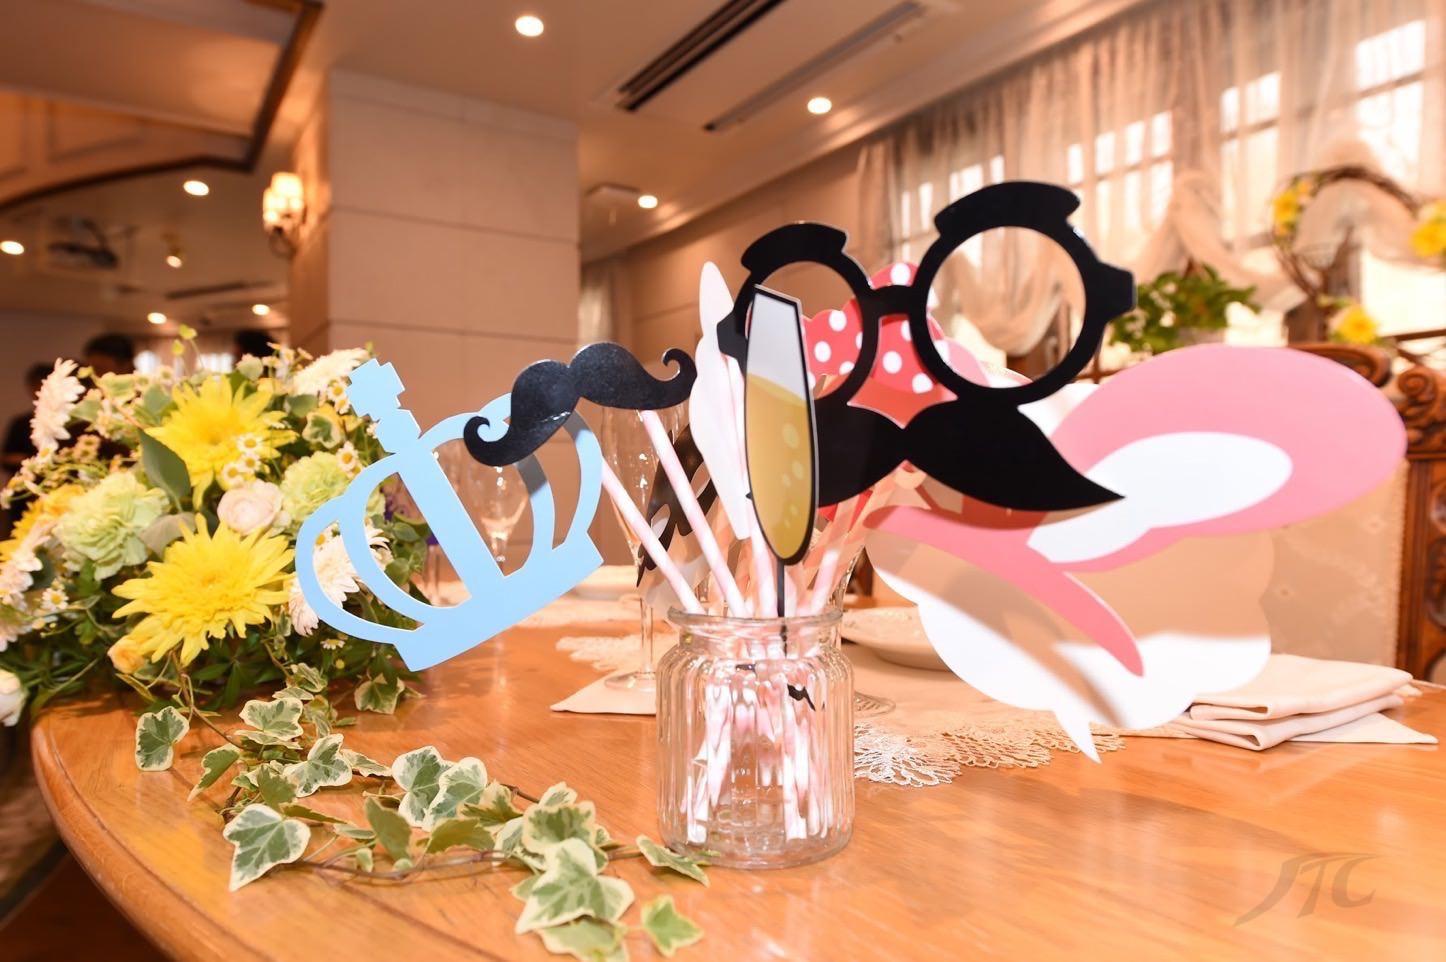 Hanzoya-Wedding-GoriMeYomeMe-JTC21-05.JPG